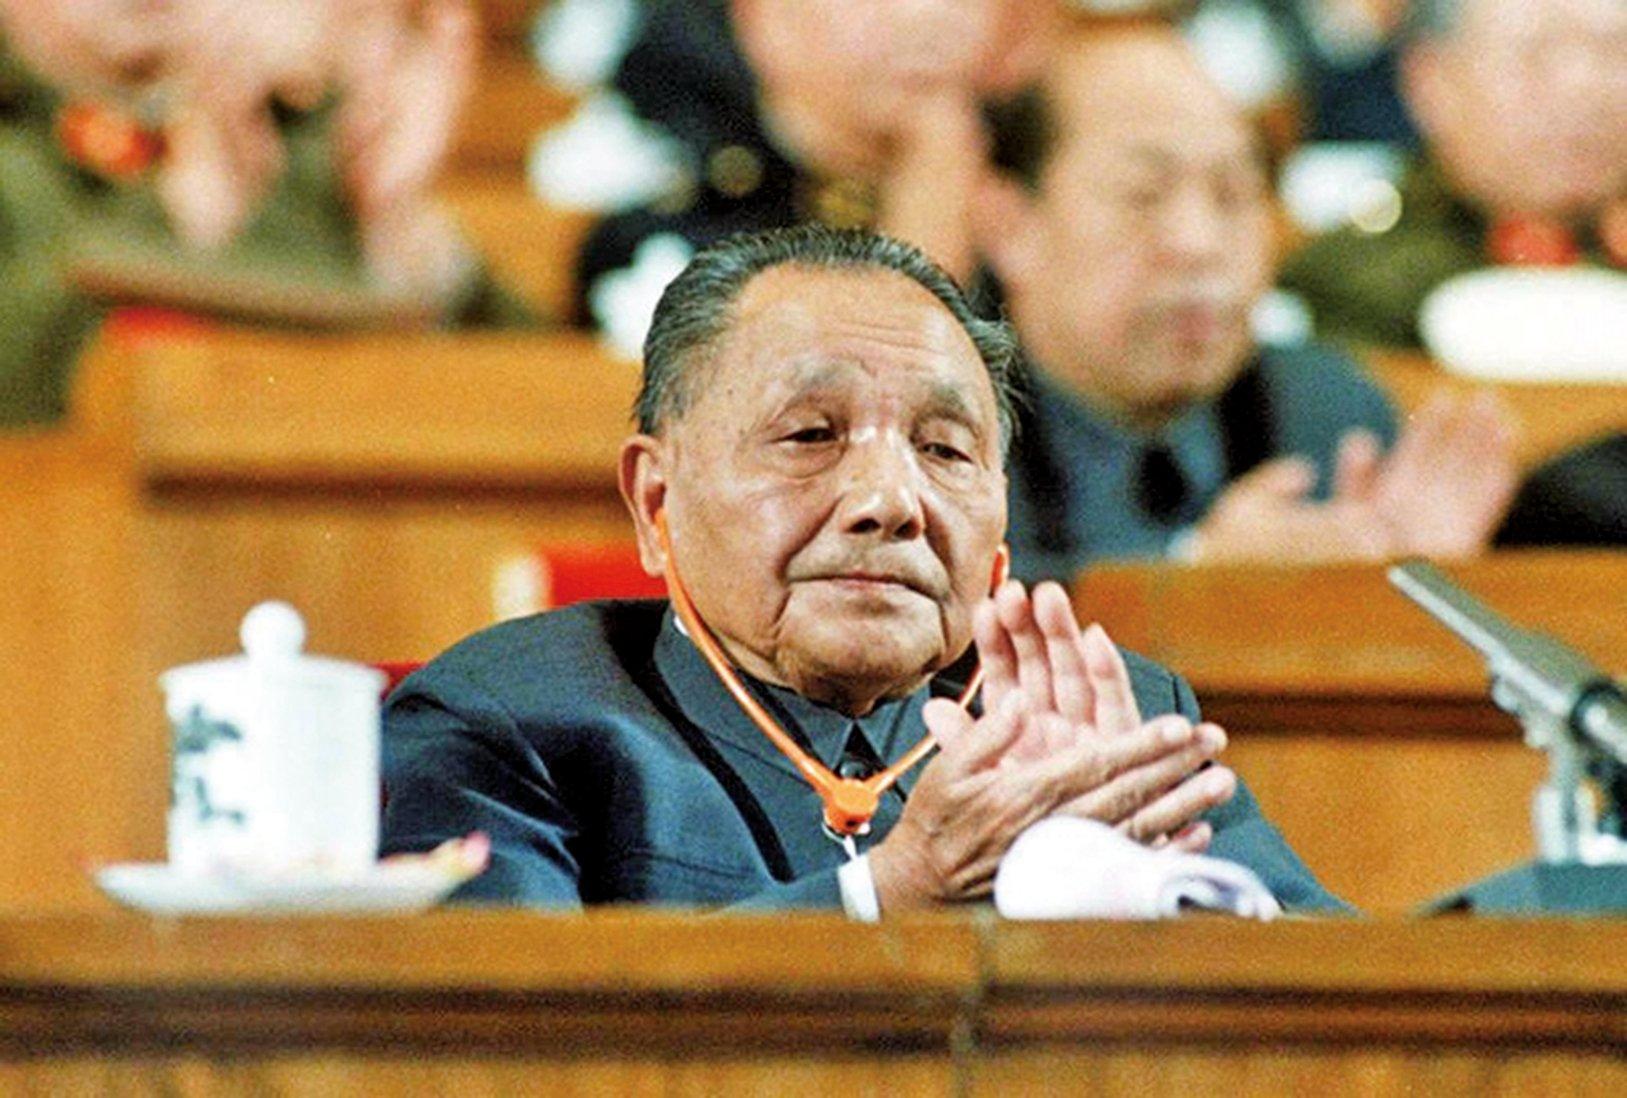 1985年,鄧小平在軍委會議上再斥「軍隊臃腫」之弊,尤其針對軍委機關即各總部,稱「這樣龐大的機關,不要說指揮打仗,跑反都跑不贏」。但該言論遭到中共的篡改。(AFP)